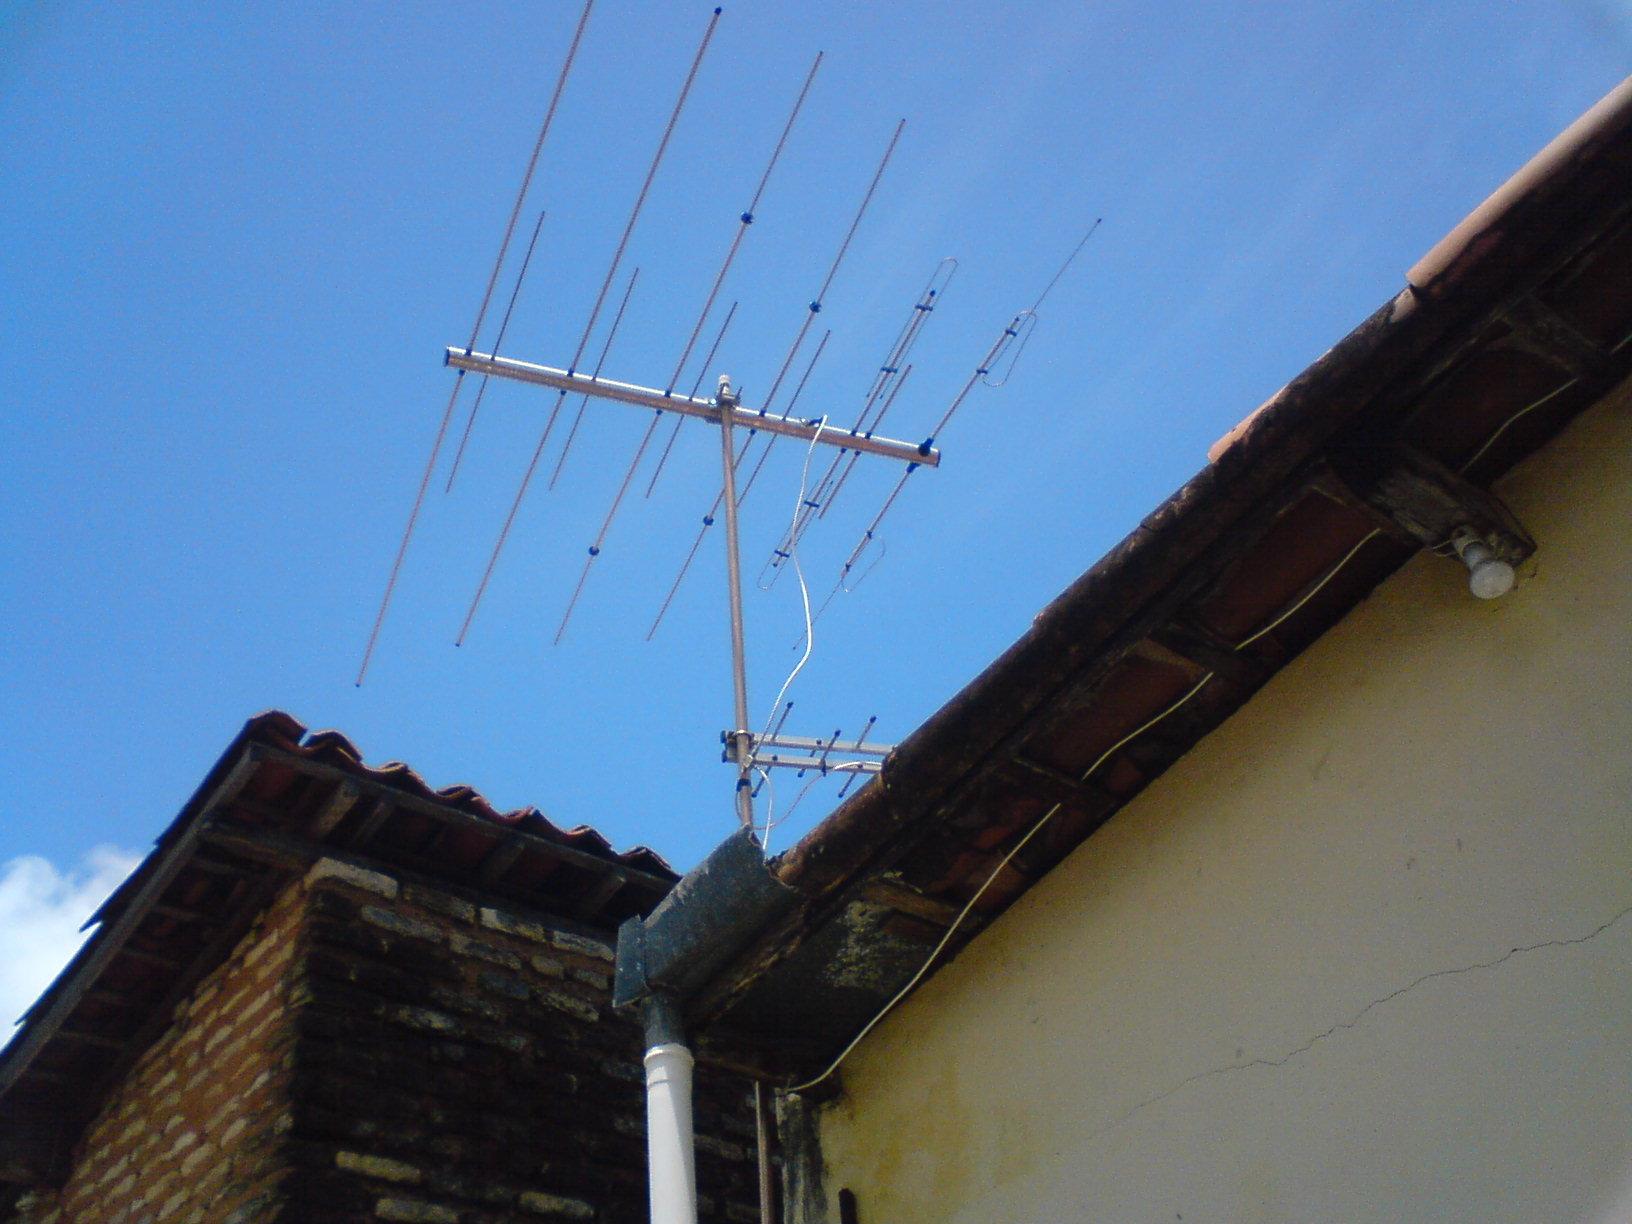 Как сделать антенну для телевизора своими руками: видео, фото 14